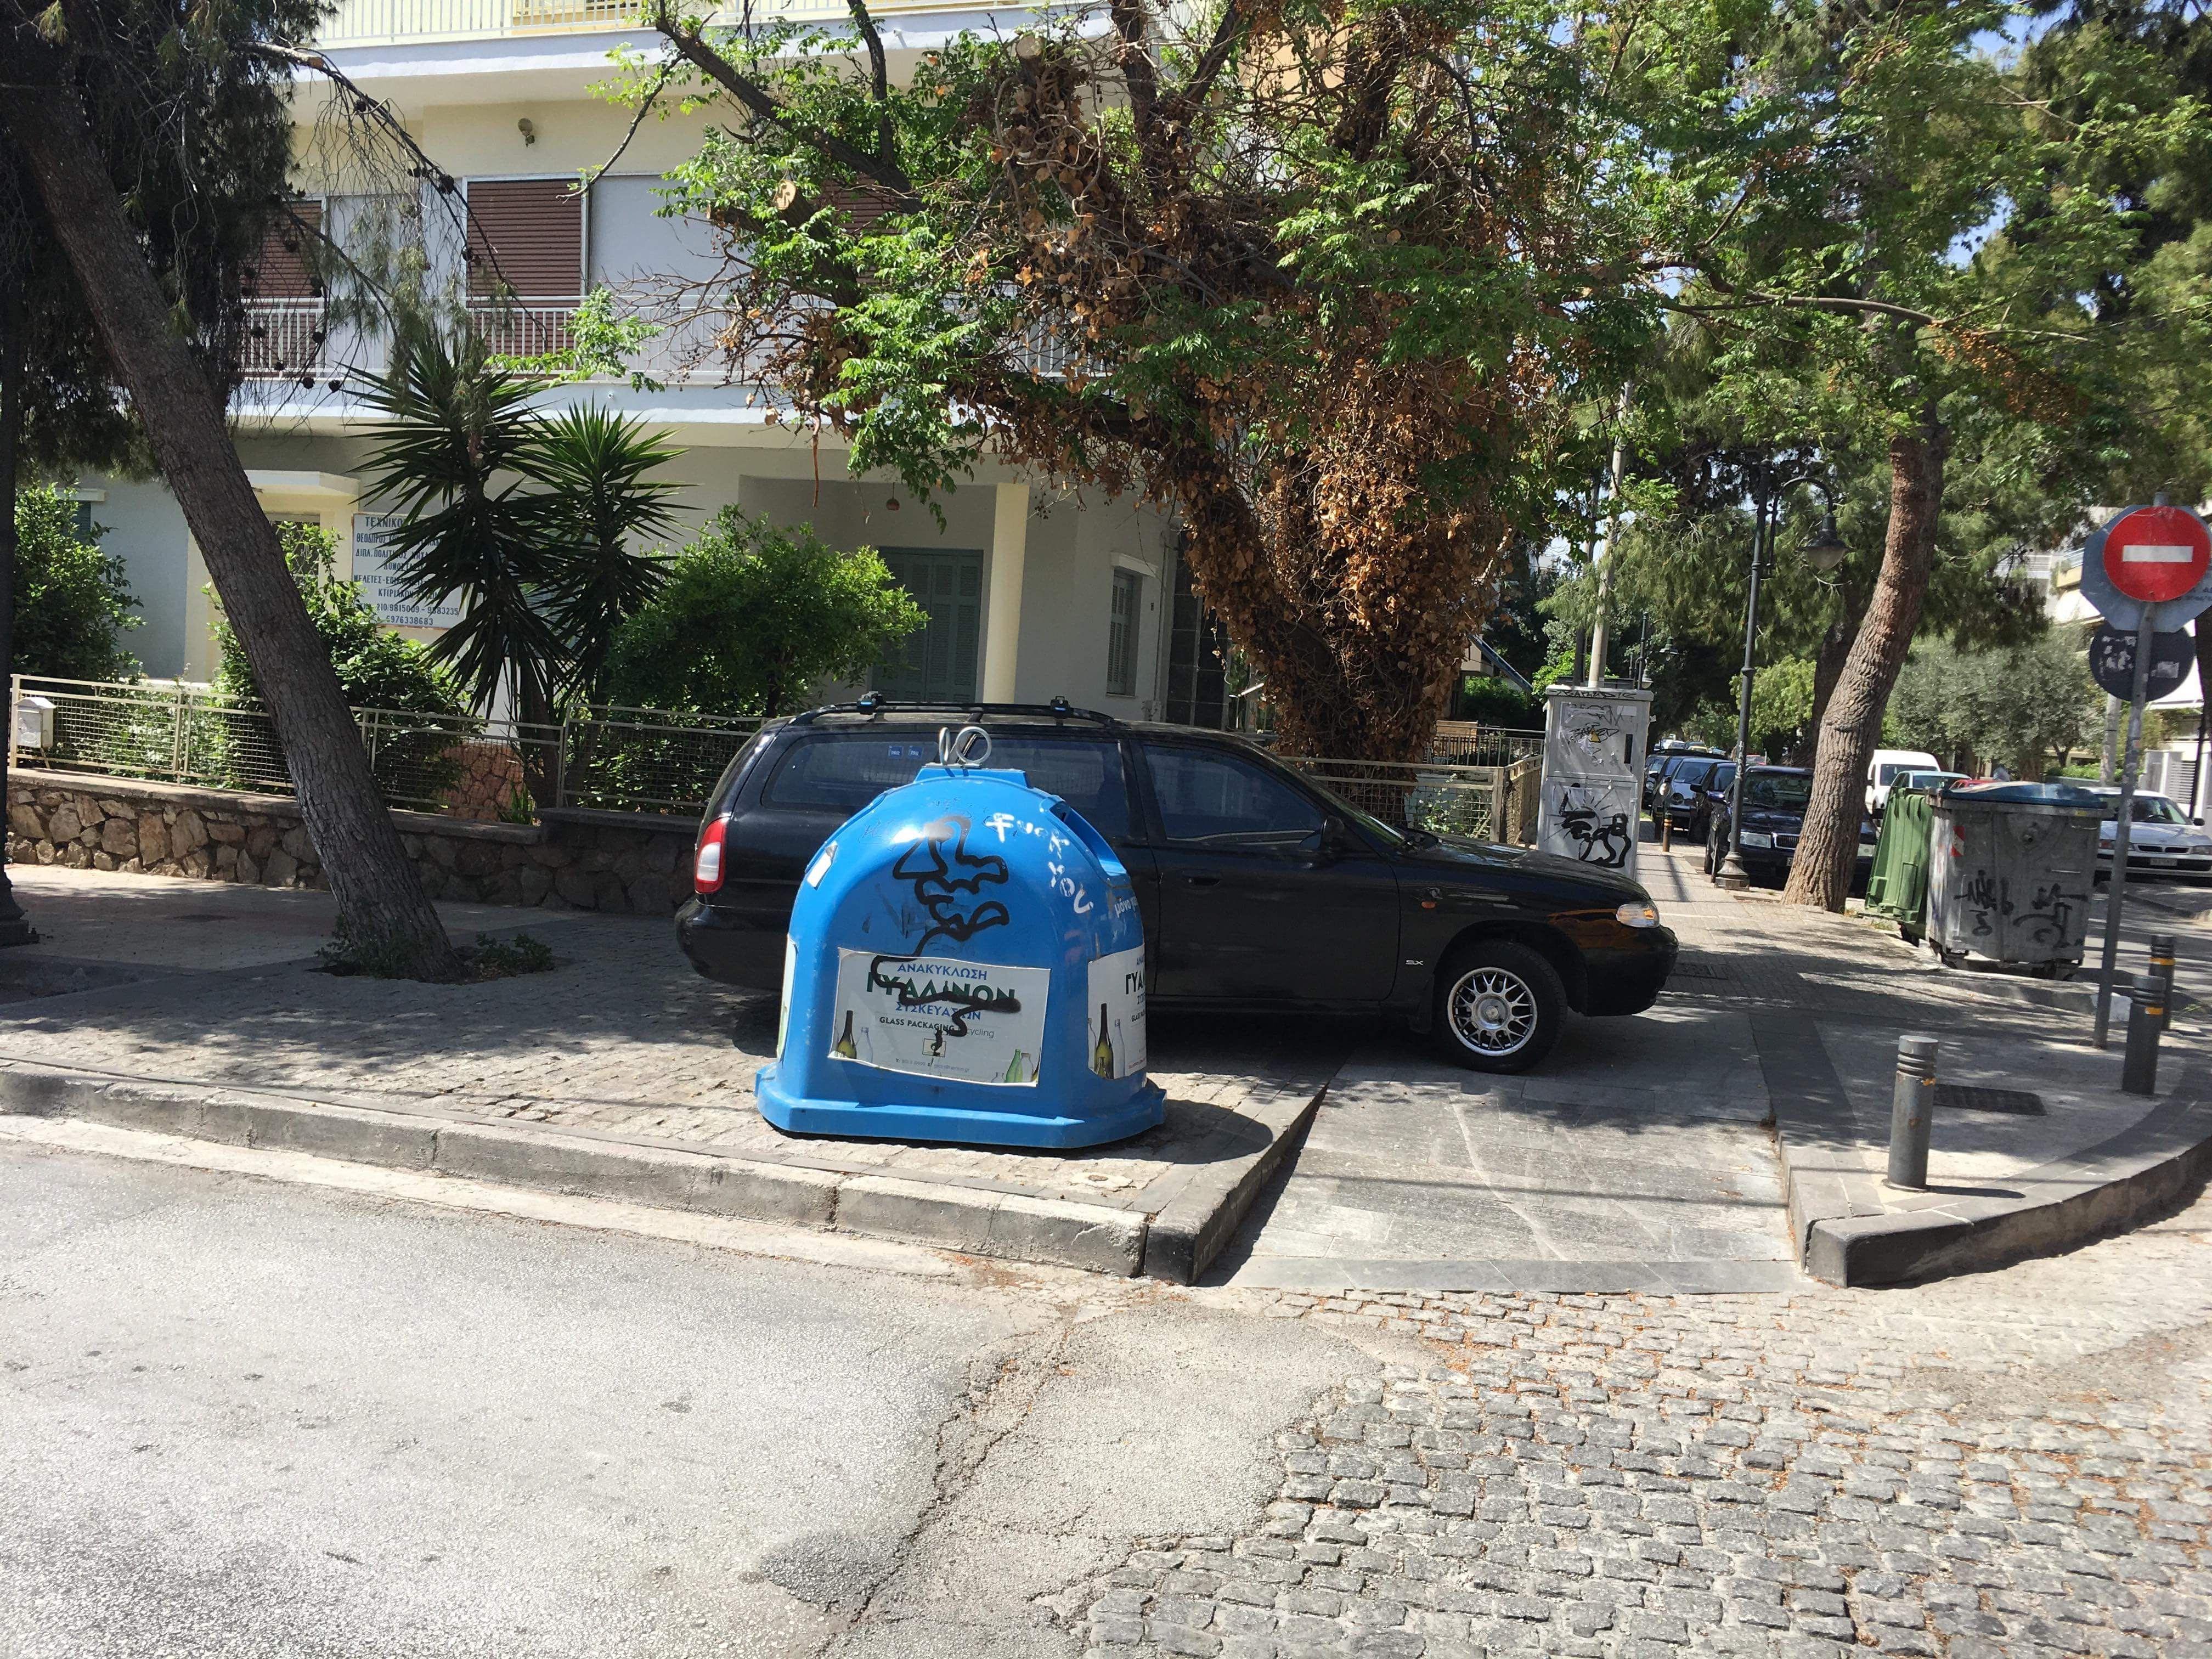 Σήμερα, στην γωνία των οδών Αυξεντίου και Θουκυδίδου